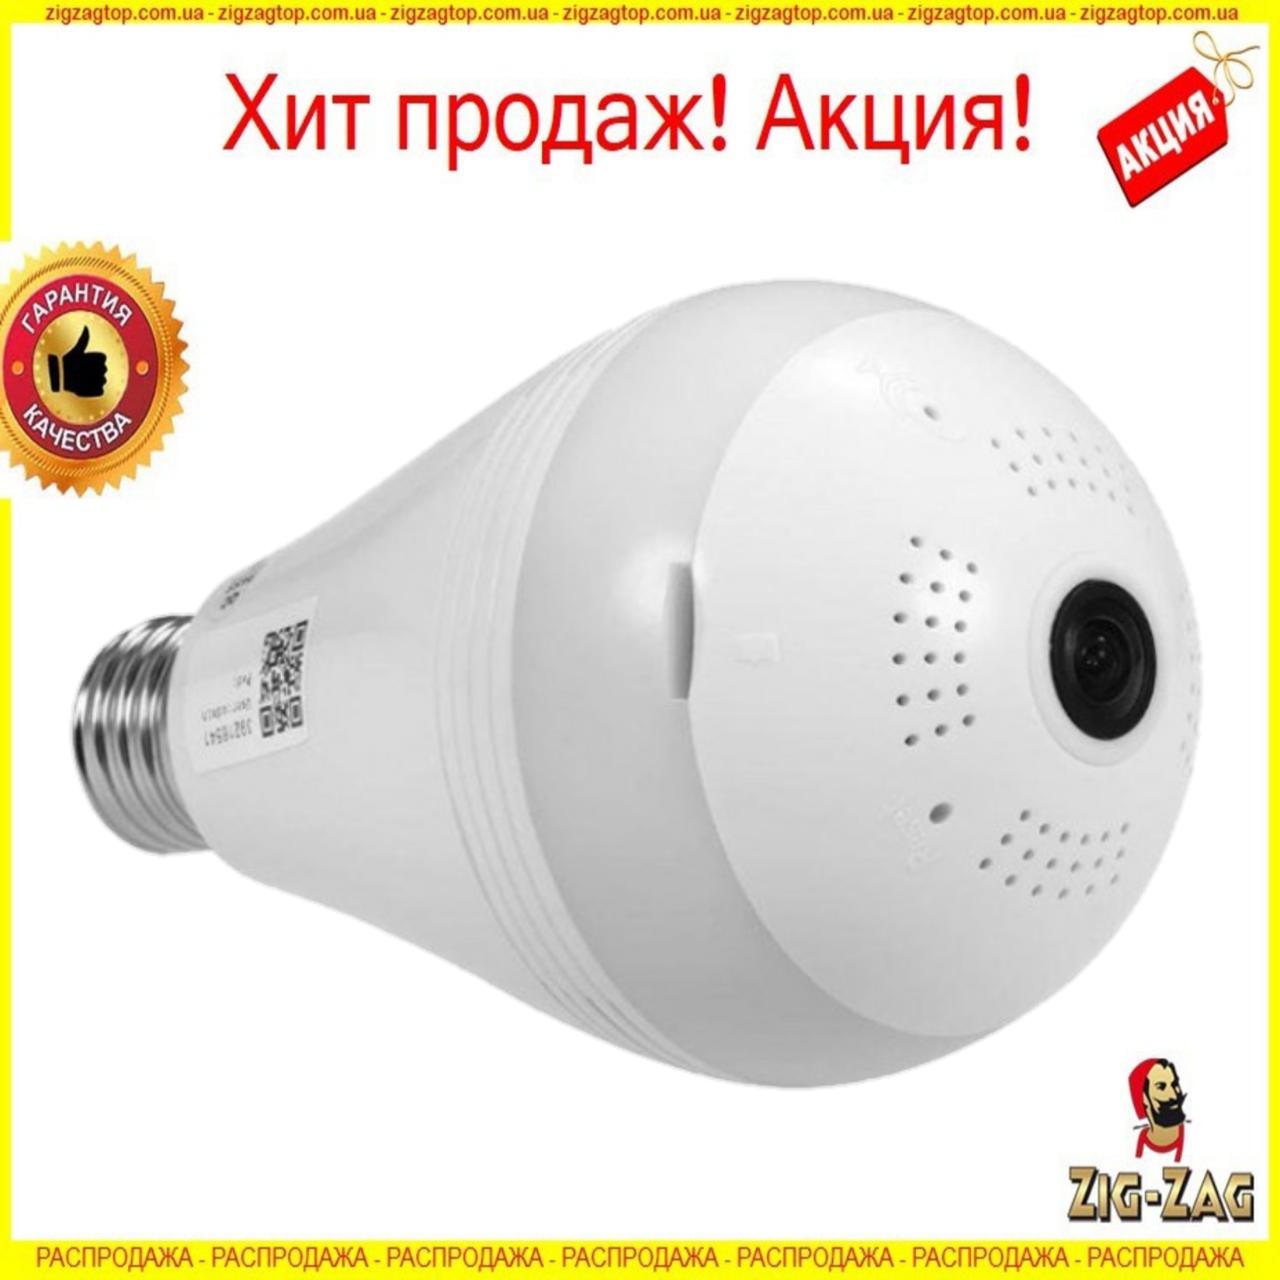 Камера wifi в виде лампочки с SD card, Ночным режимом и громкой связью A9, камеру наблюдения Видеокамера 1080P